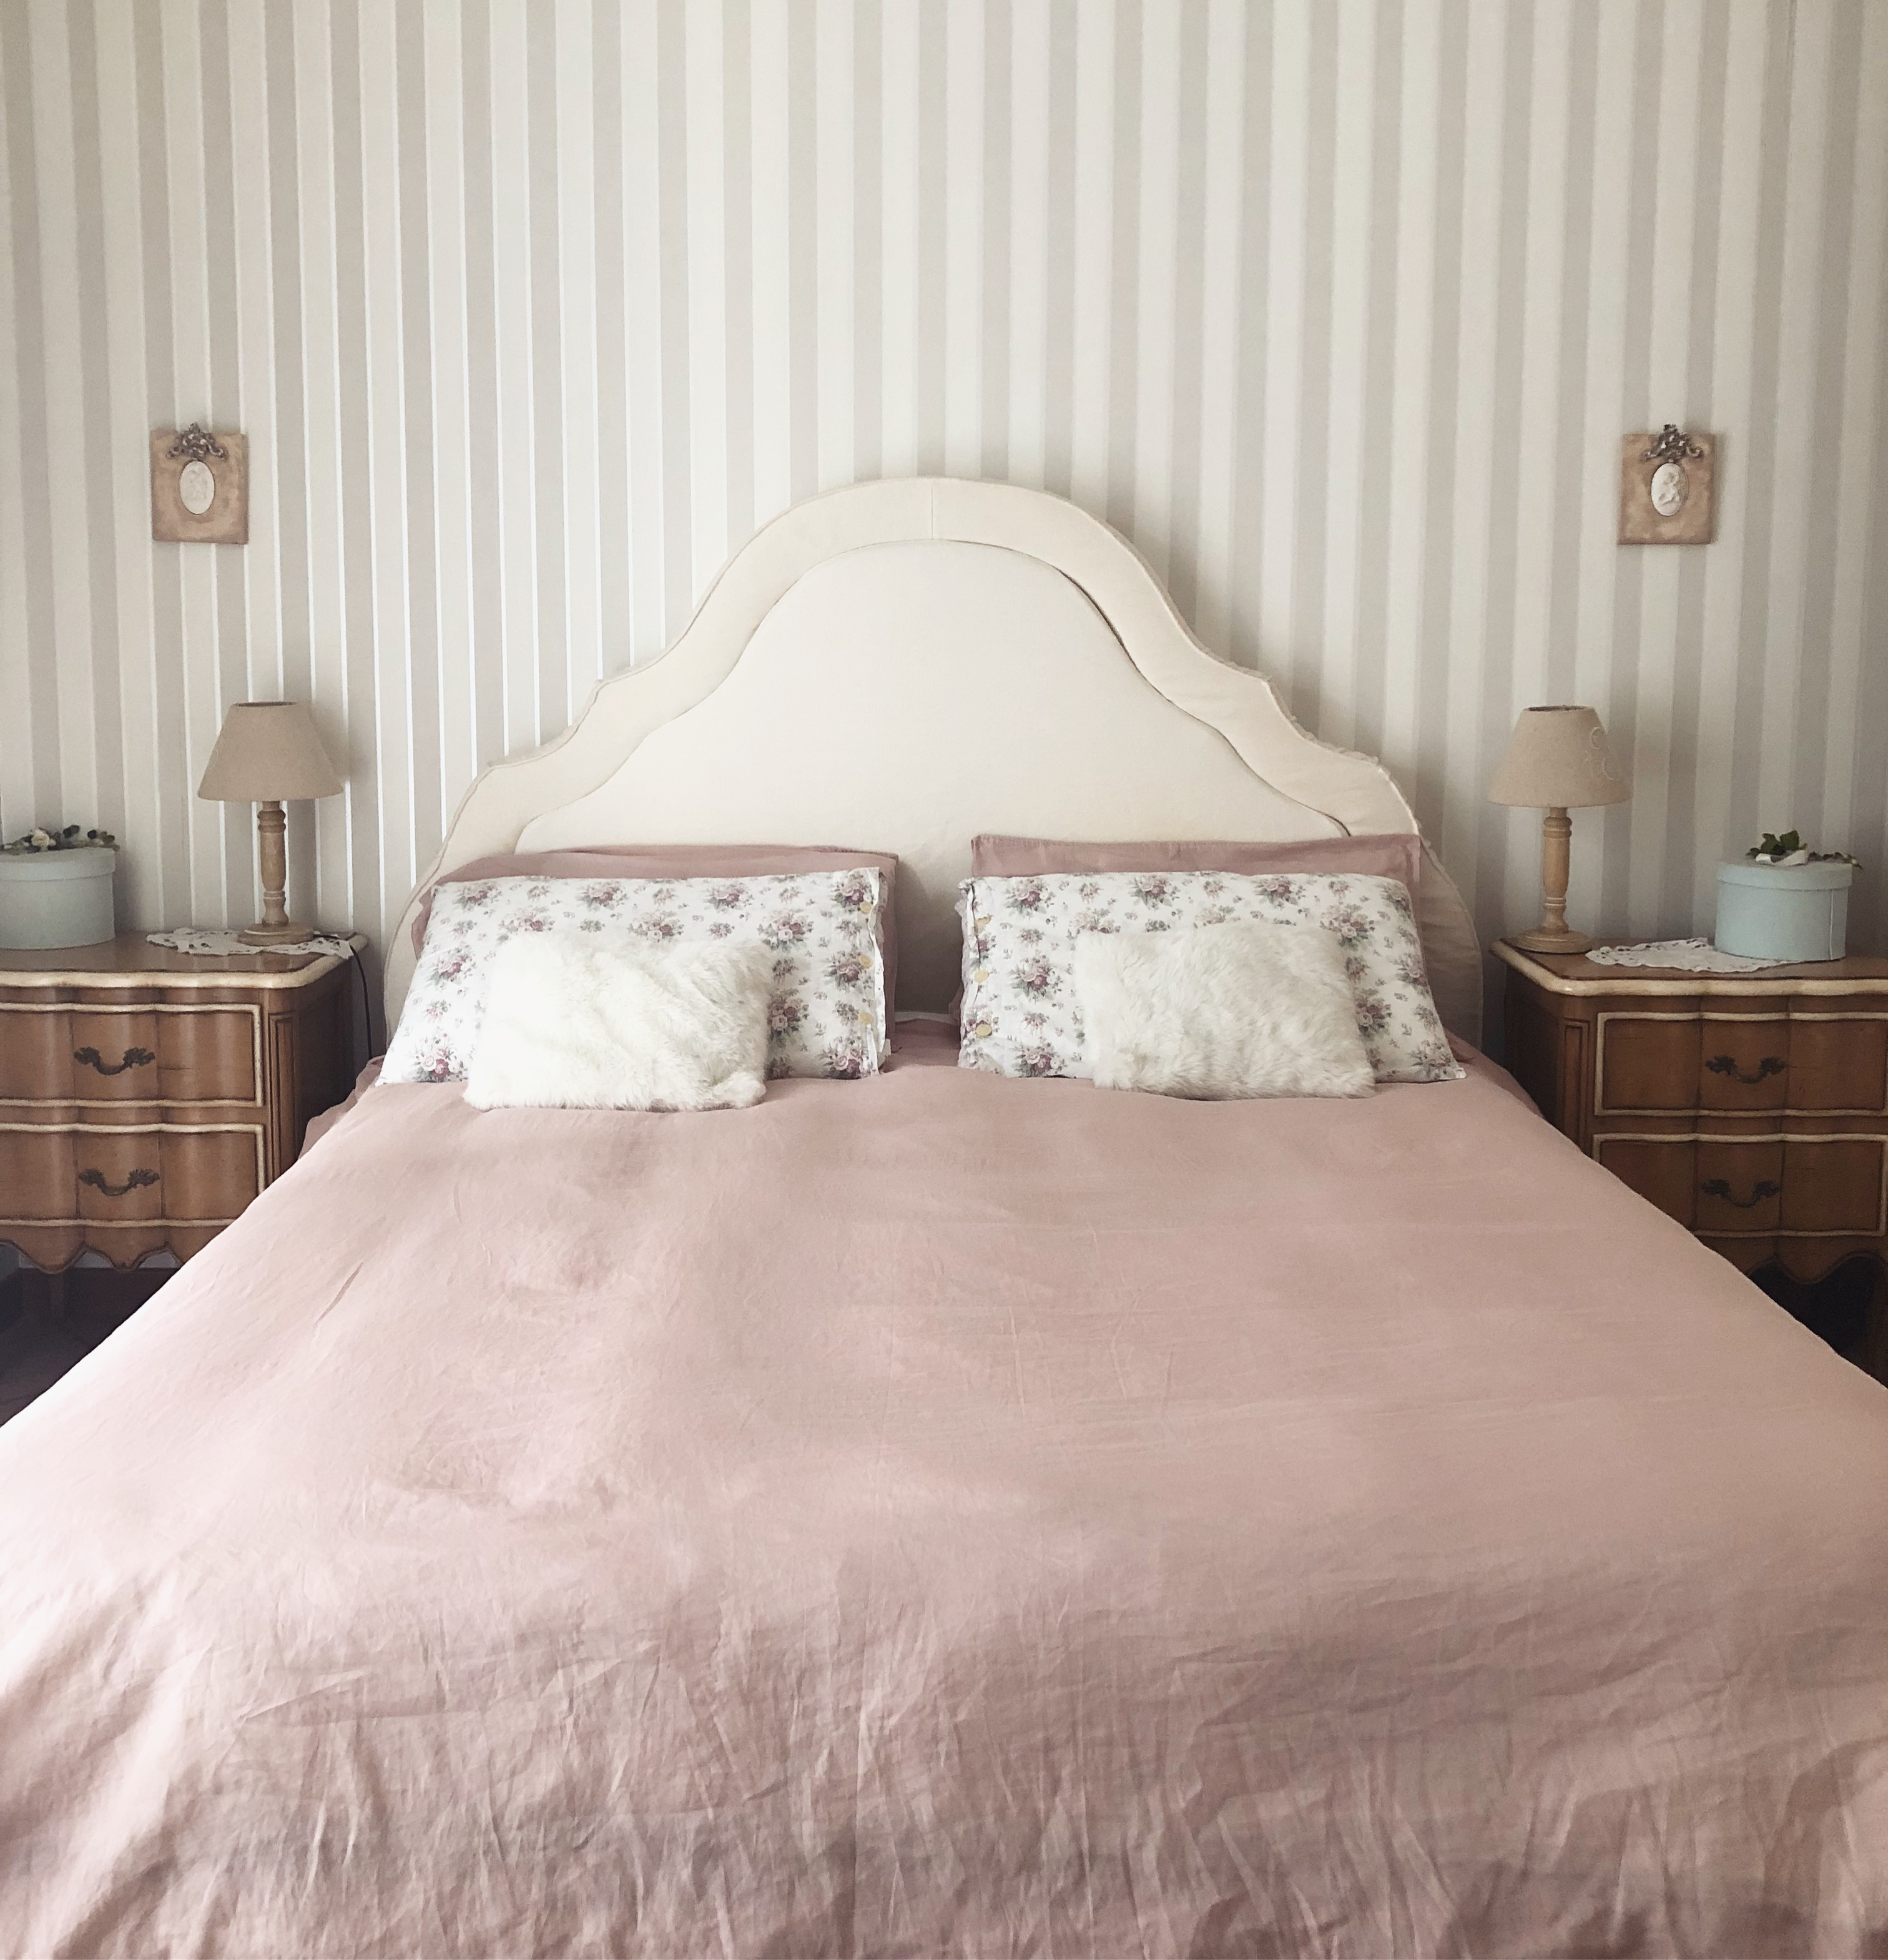 La mia camera da letto in stile provenzale — Marica Ferrillo